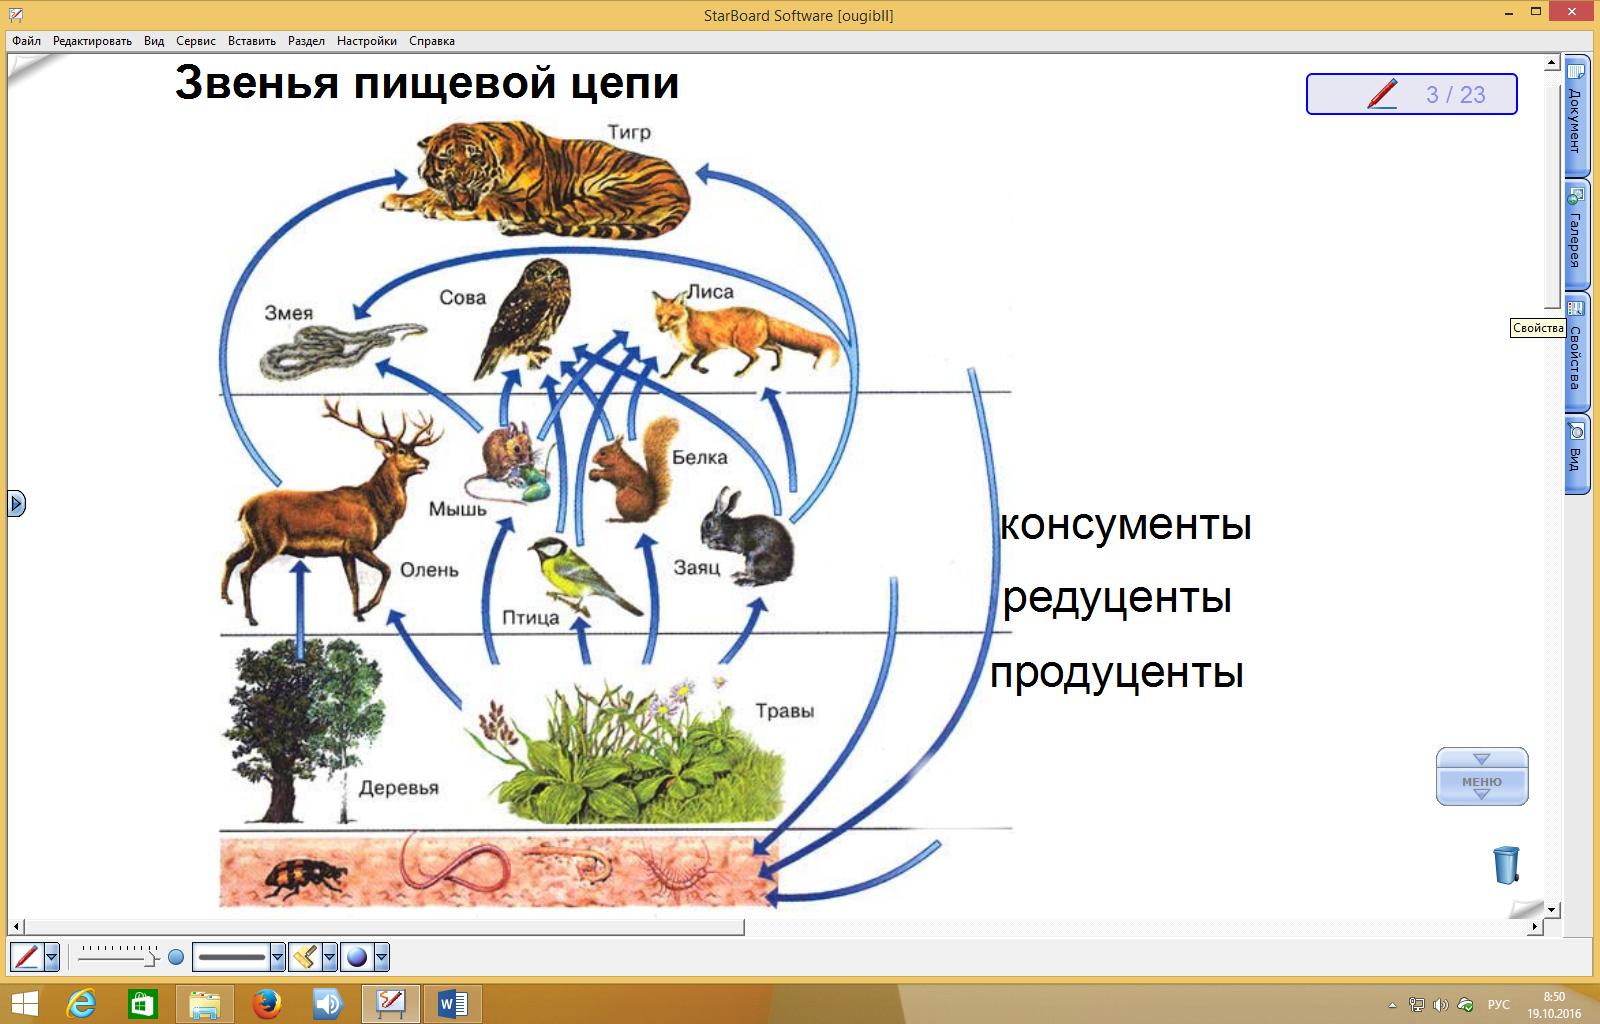 Цепь питания в тундре схема 4 класс